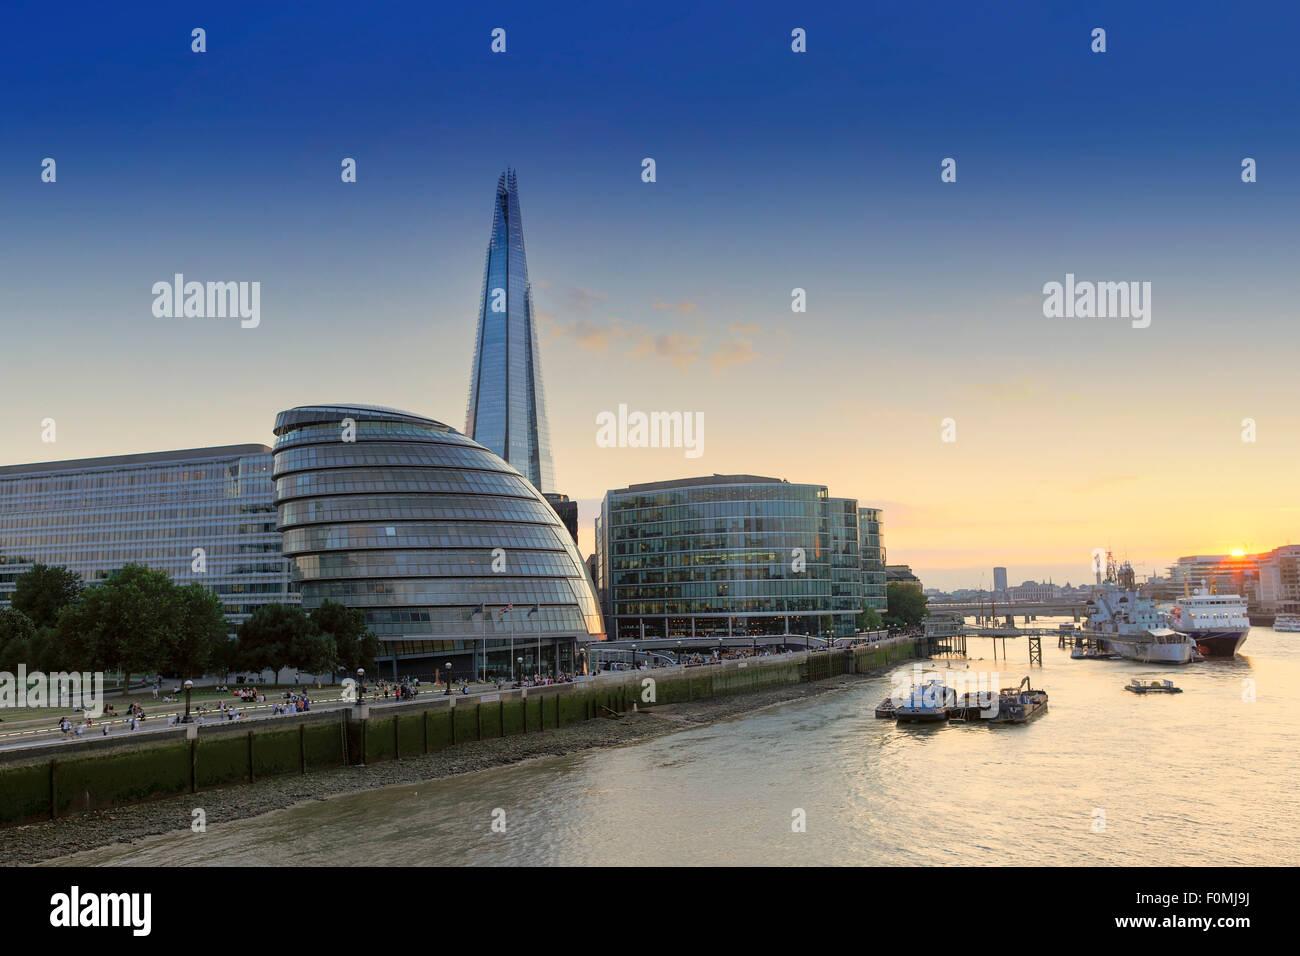 Der Shard, Rathaus (HQ der Bürgermeister von London) und die Themse in London bei Sonnenuntergang Stockbild